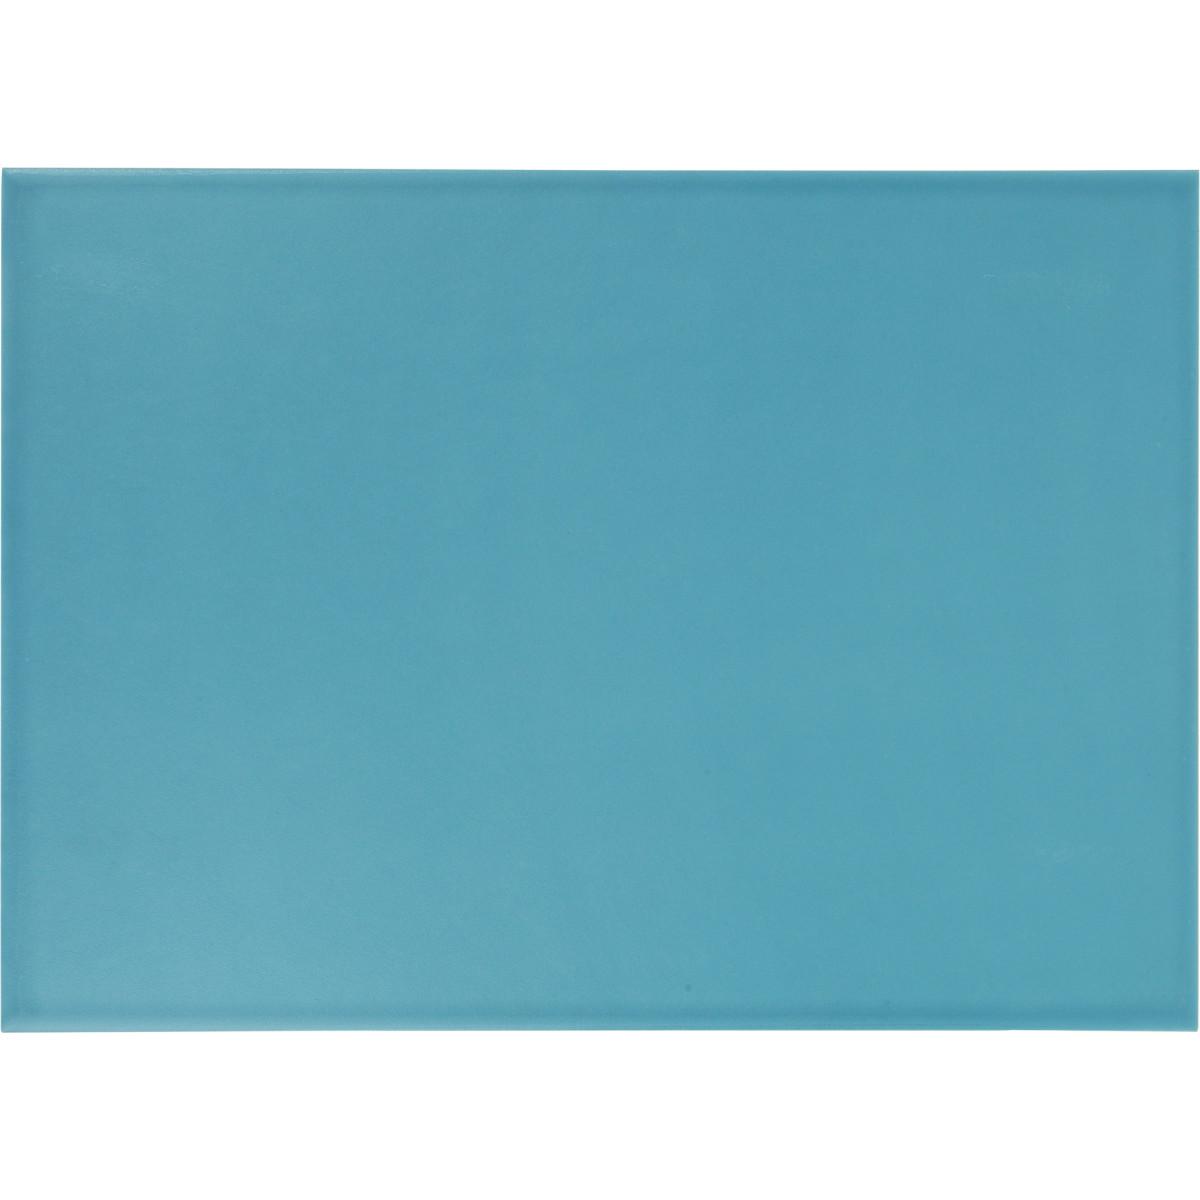 Плитка настенная Tone 35x25 см 1.4 м2 цвет синий матовый